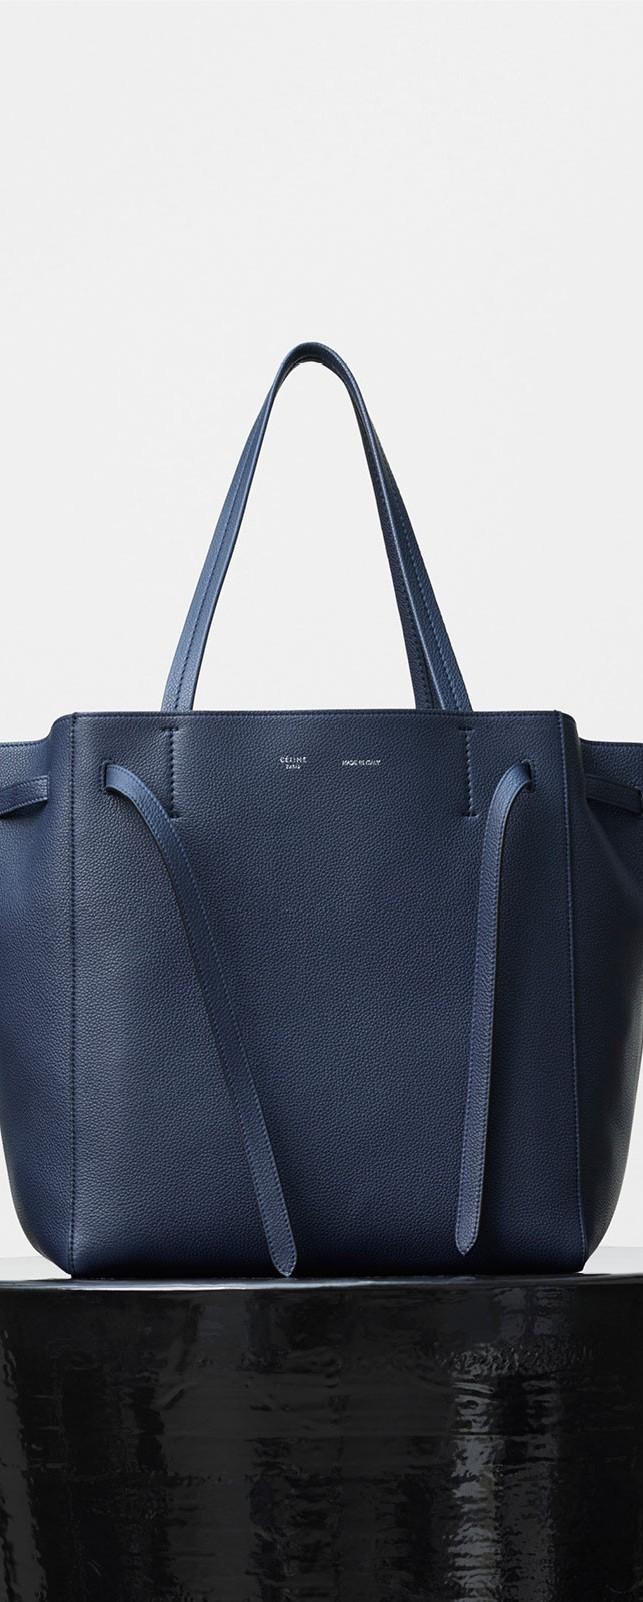 celine borsa in pelle blu e bianca